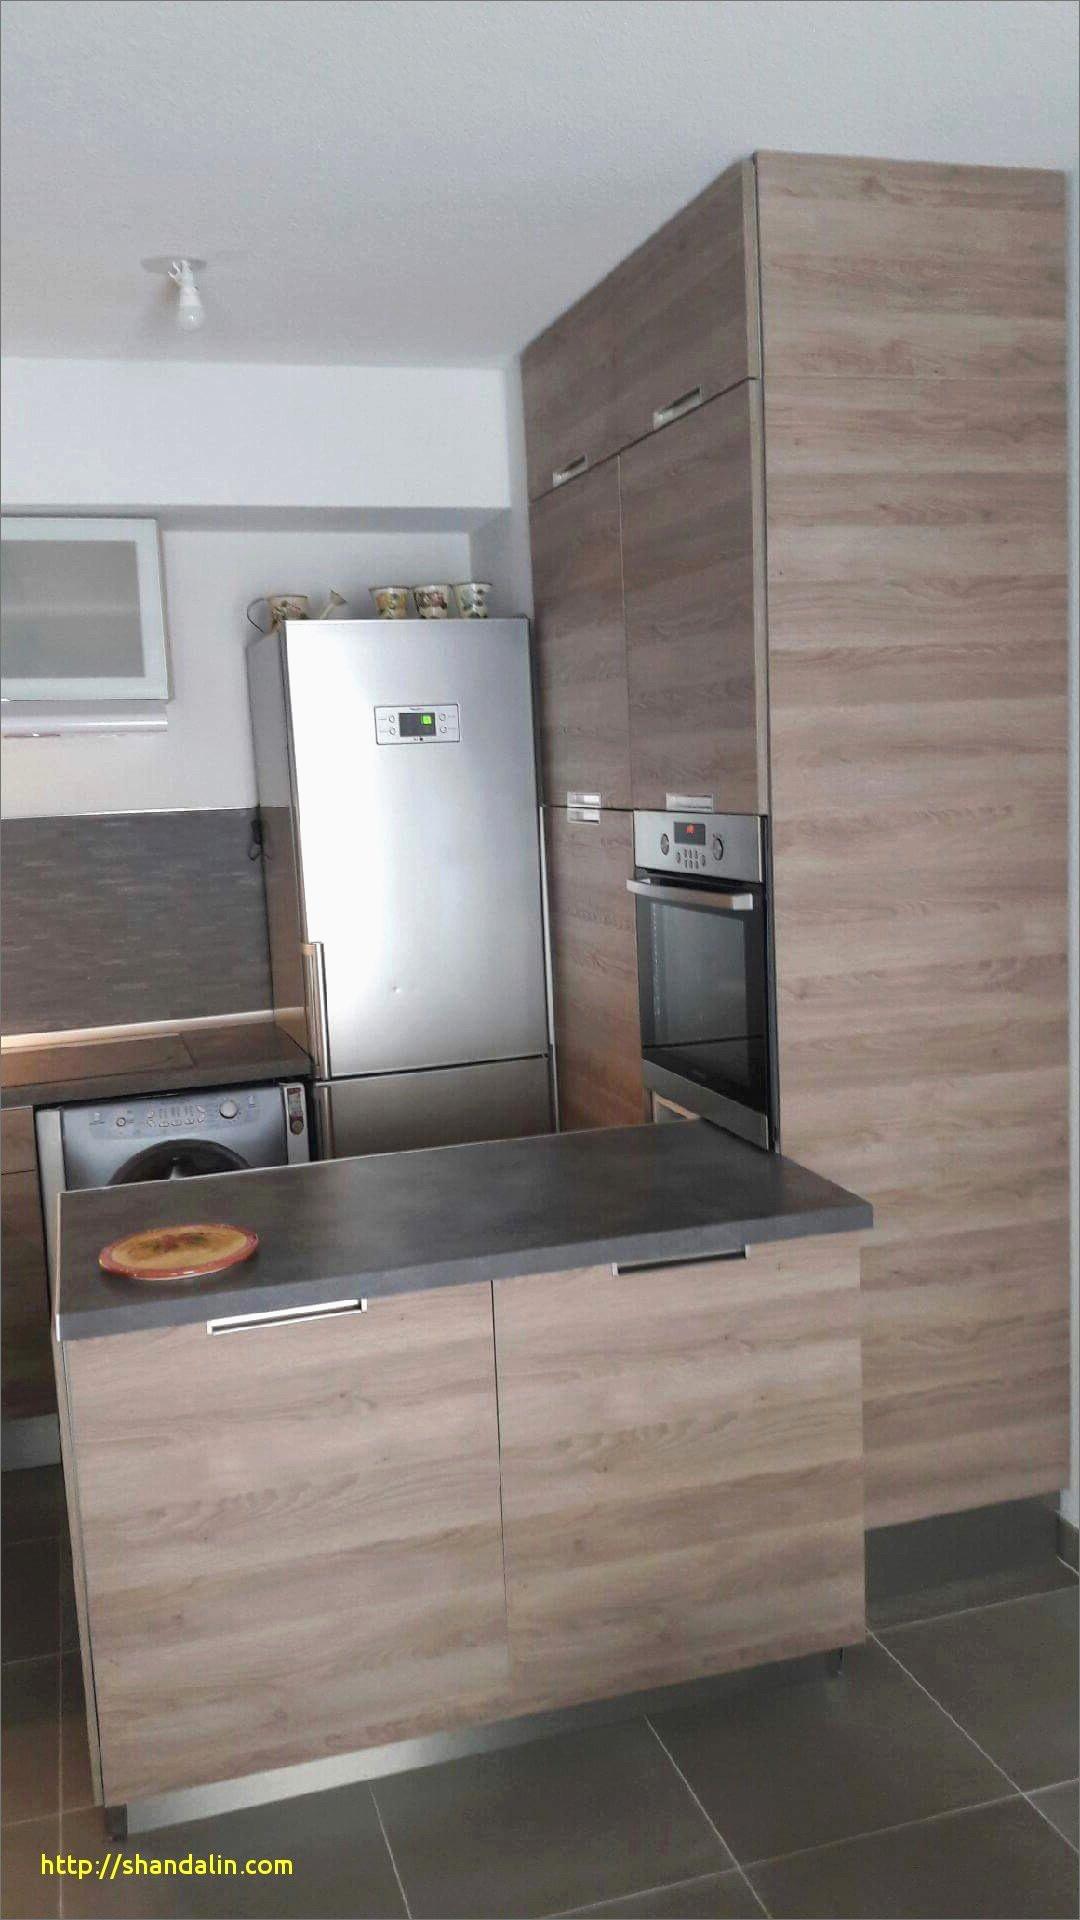 brico depot peinture meuble cuisine nouveau 47 conception meuble d angle cuisine brico depot la photographie de brico depot peinture meuble cuisine